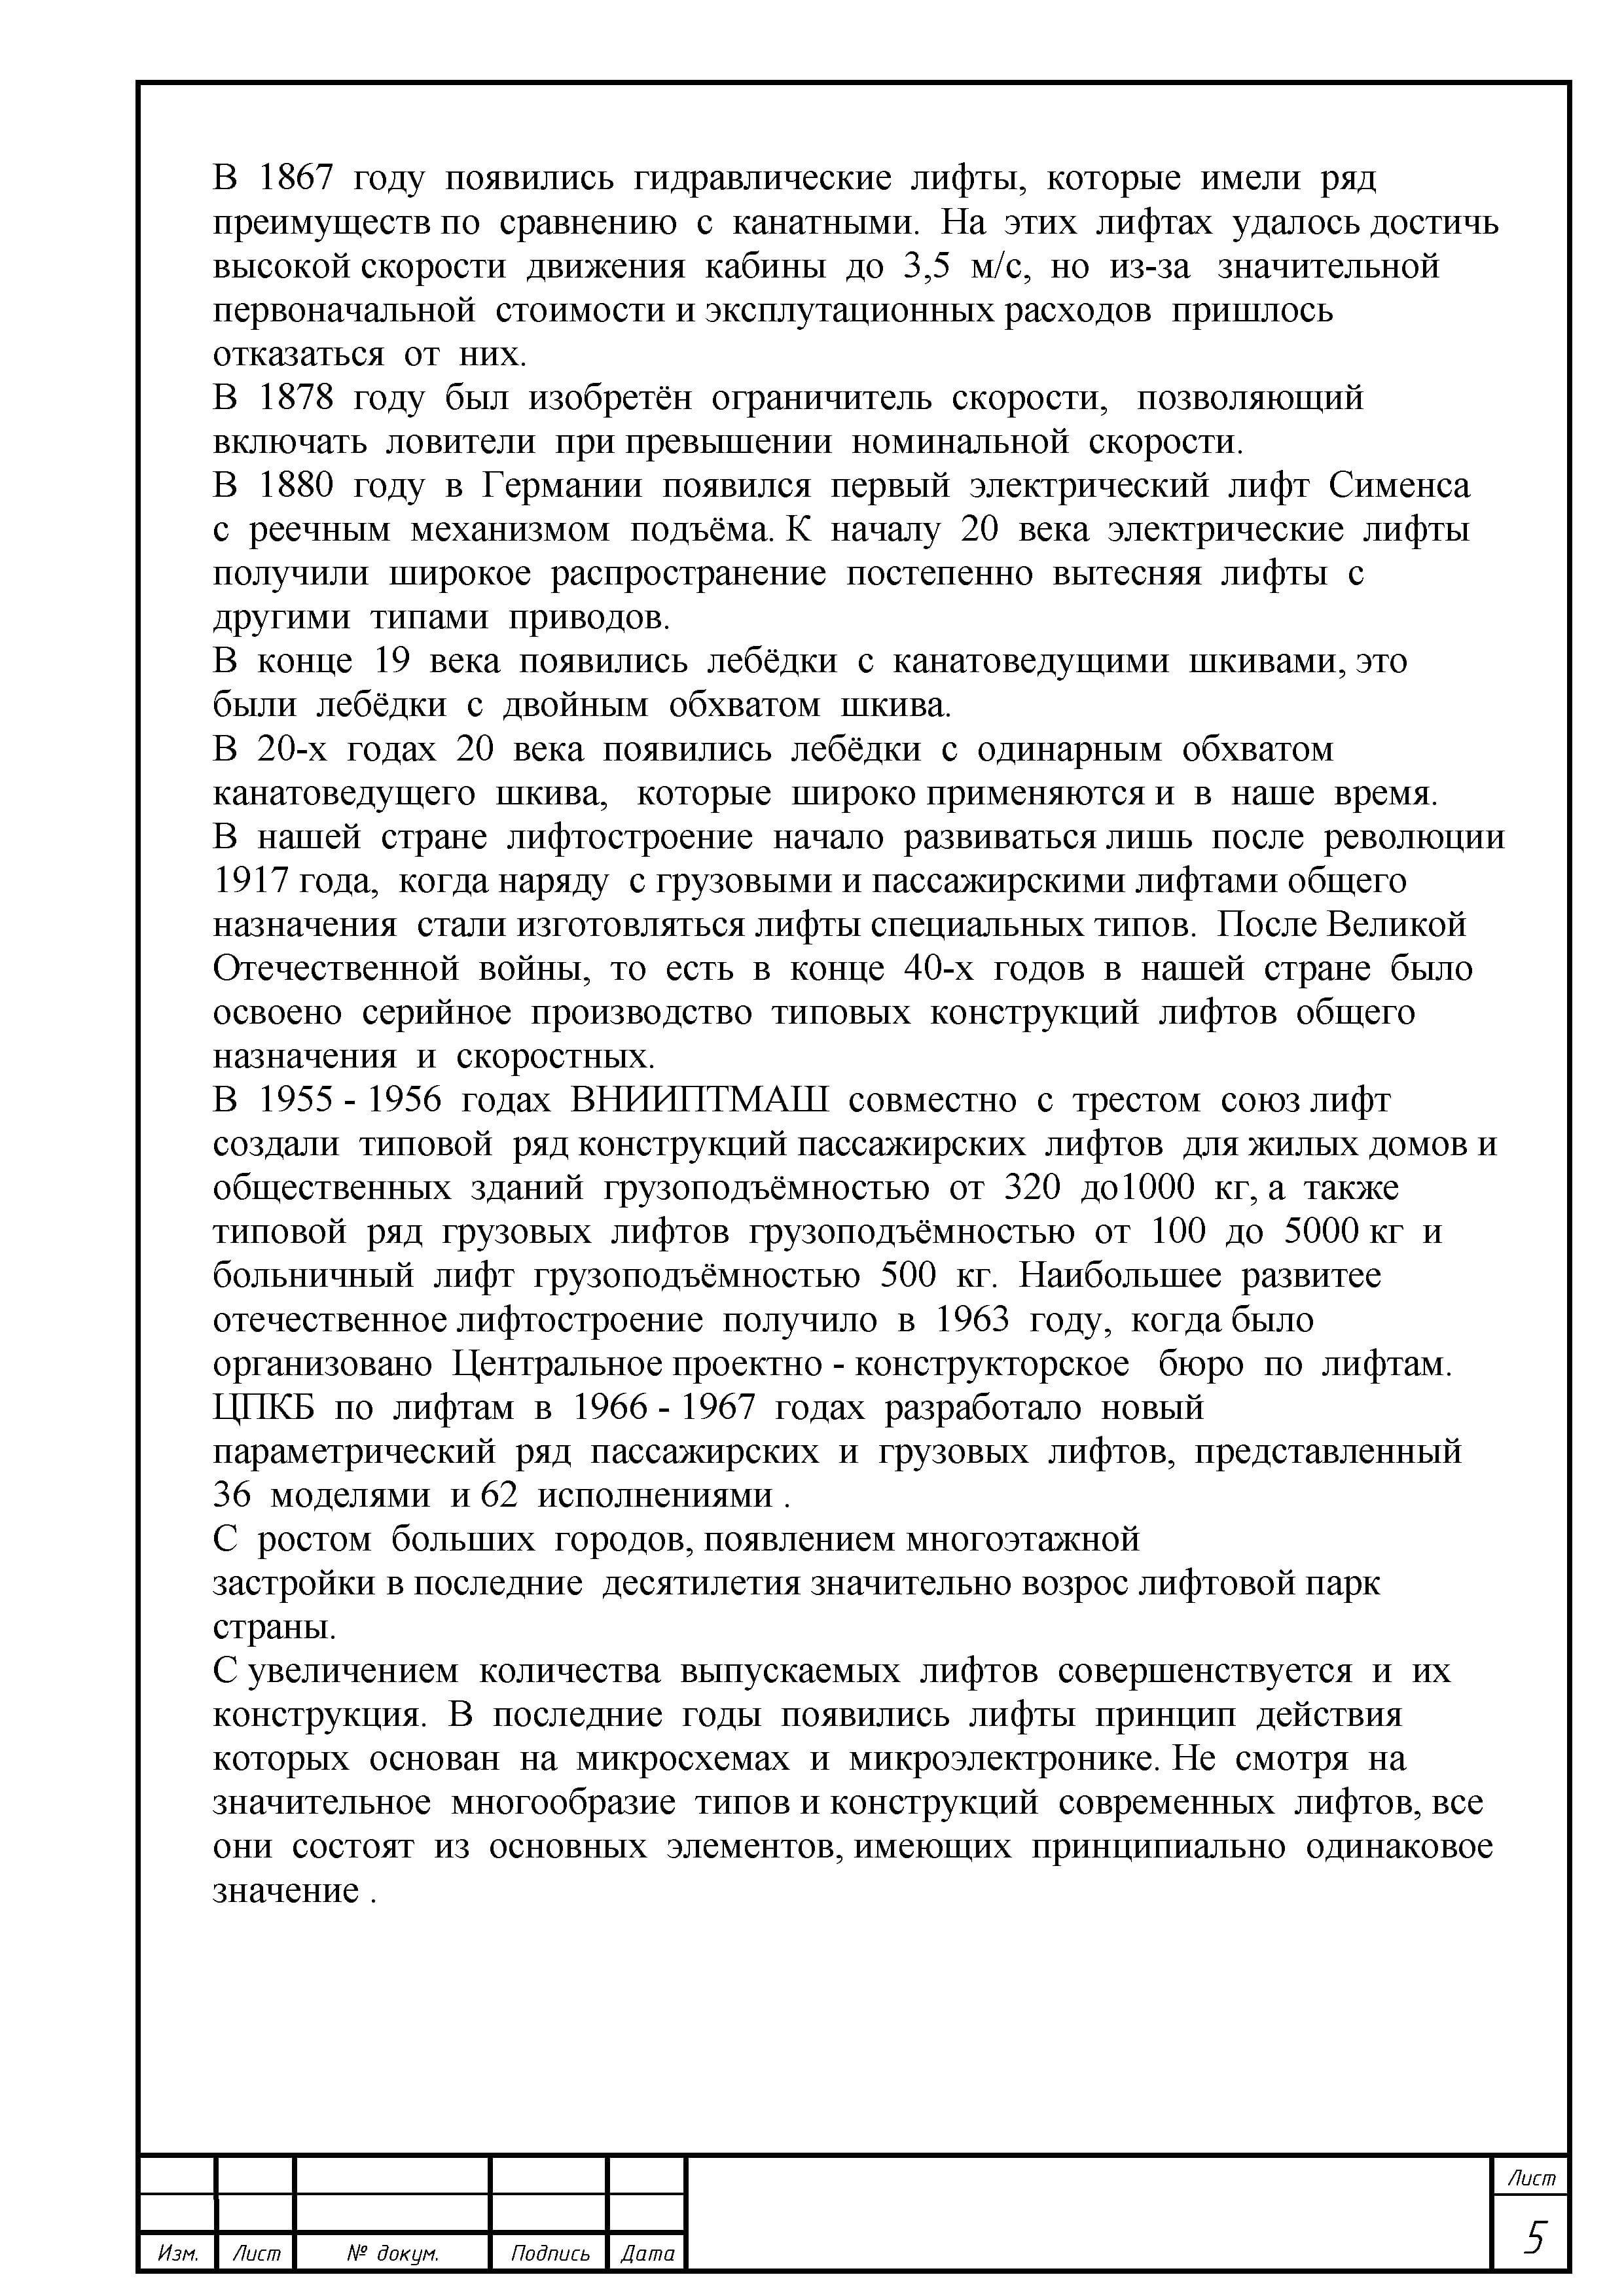 Описание и работа составных частей лифта